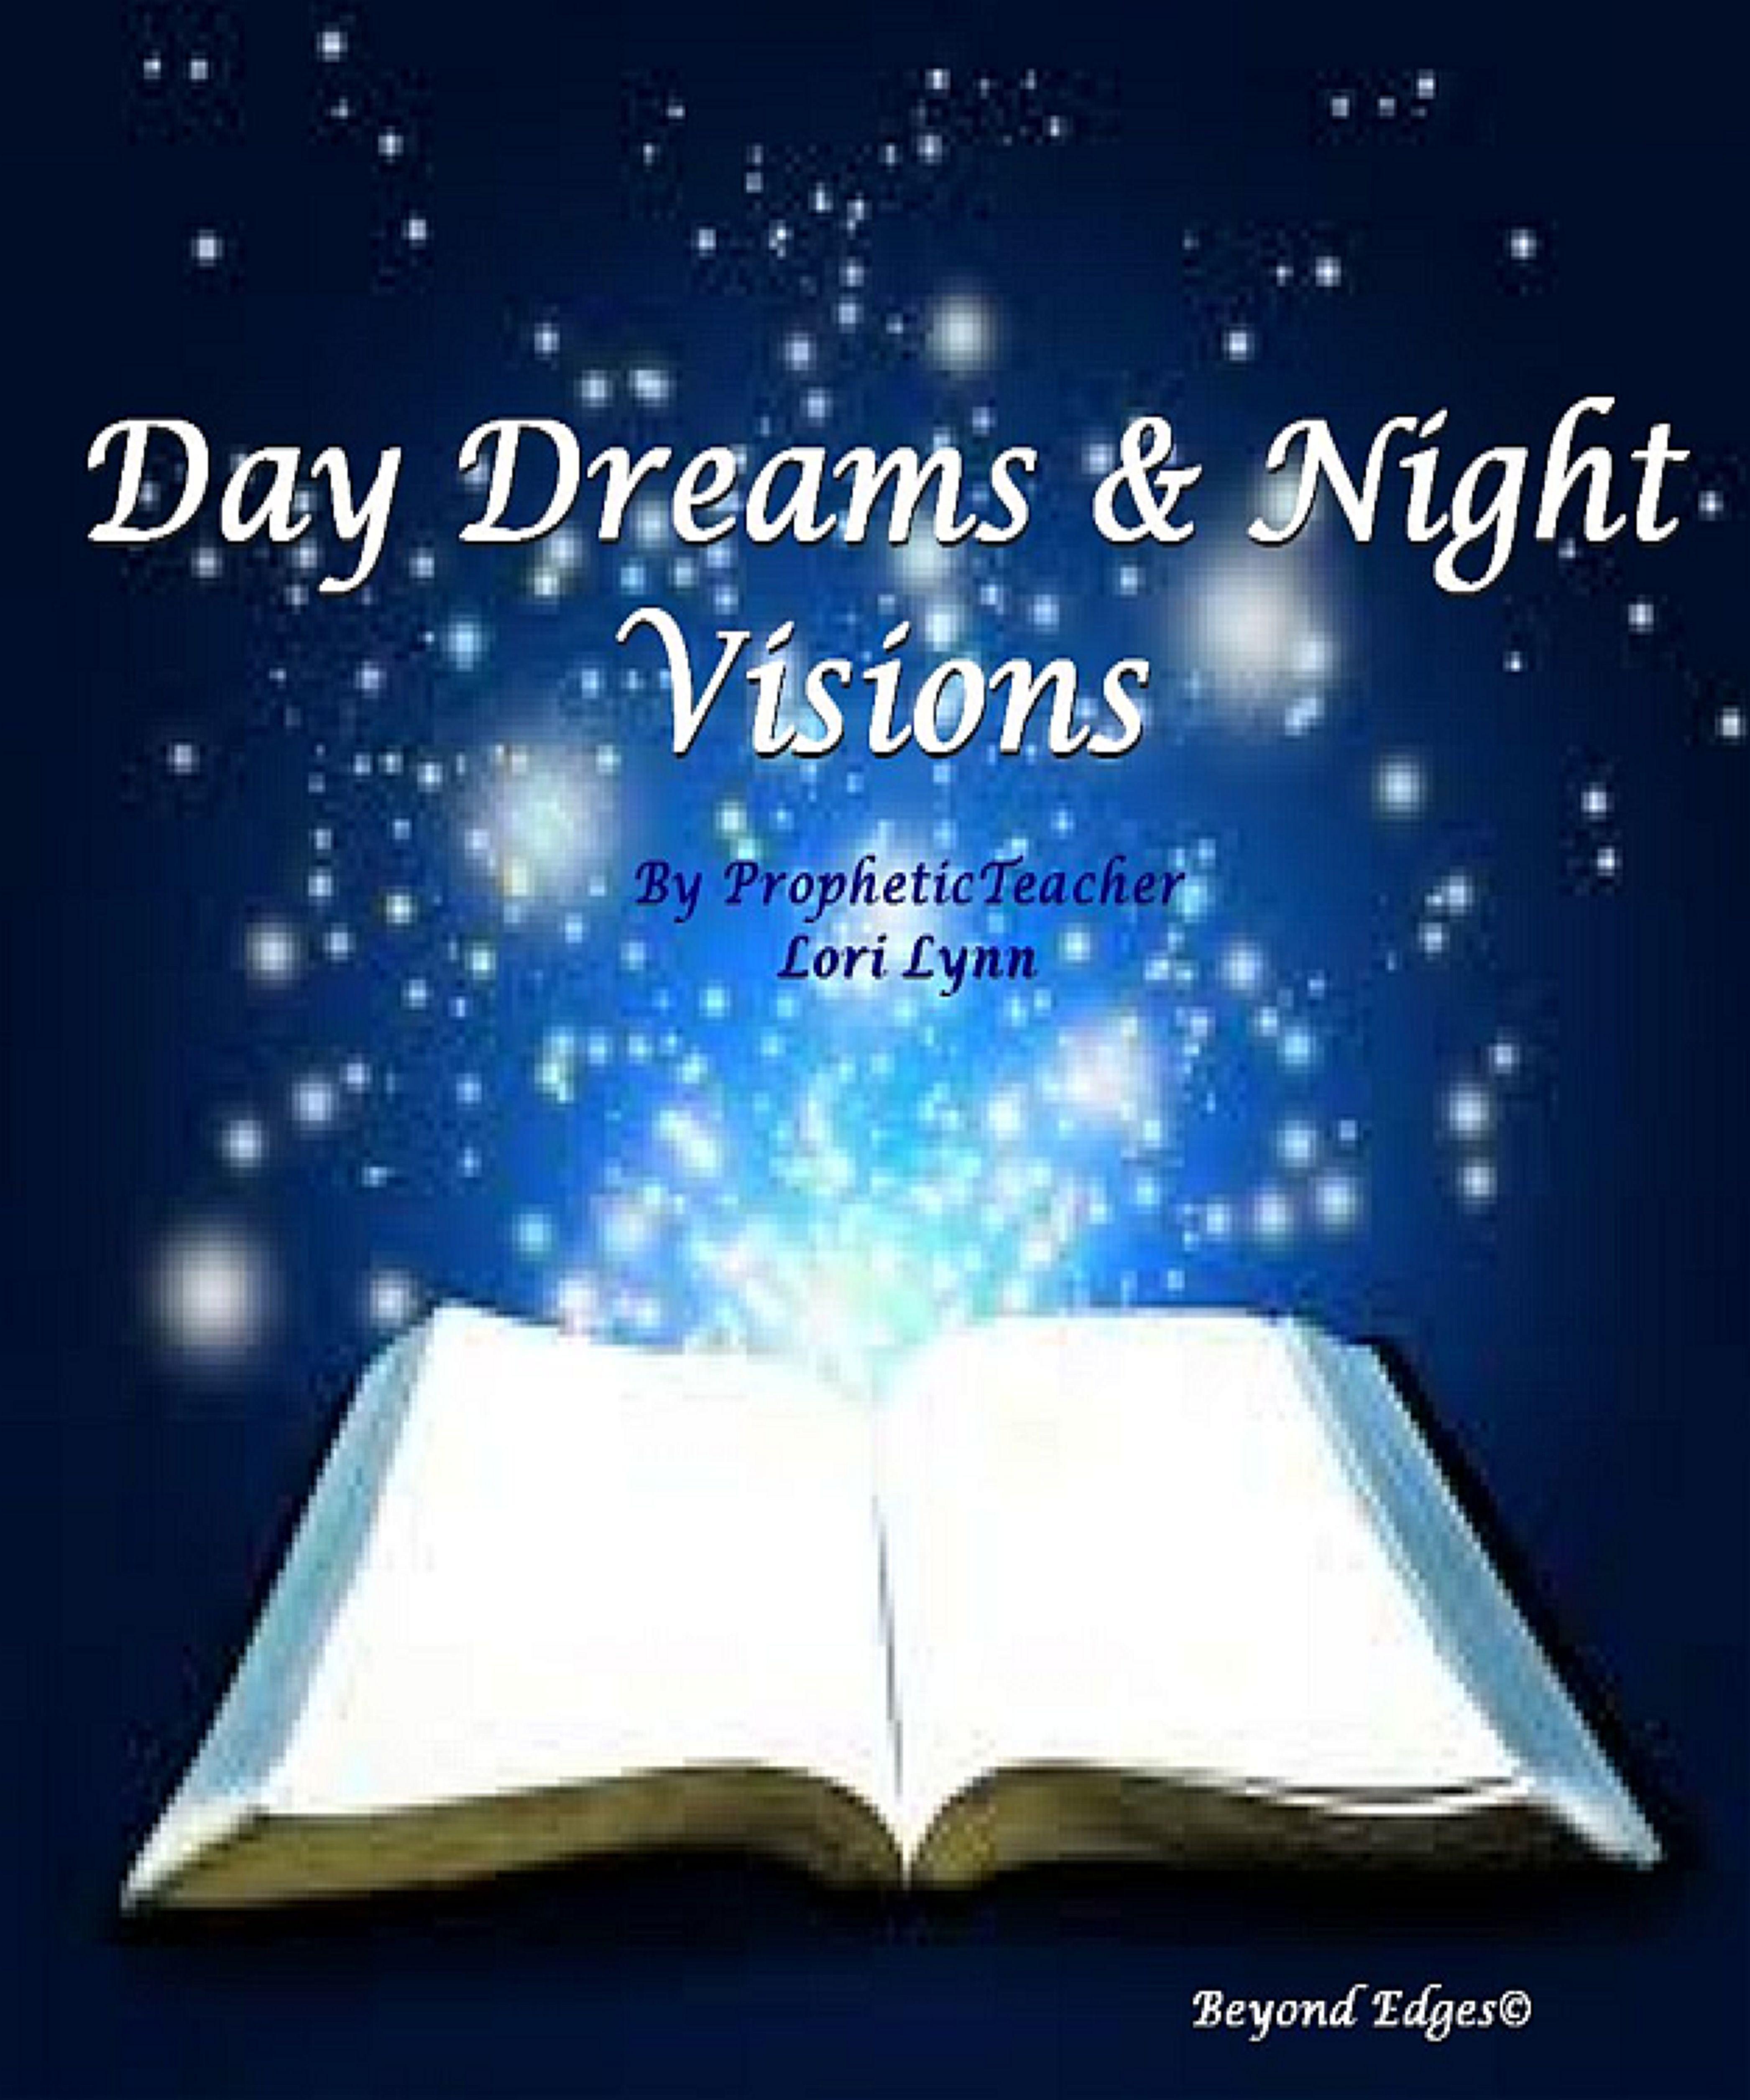 When dreams are prophetic